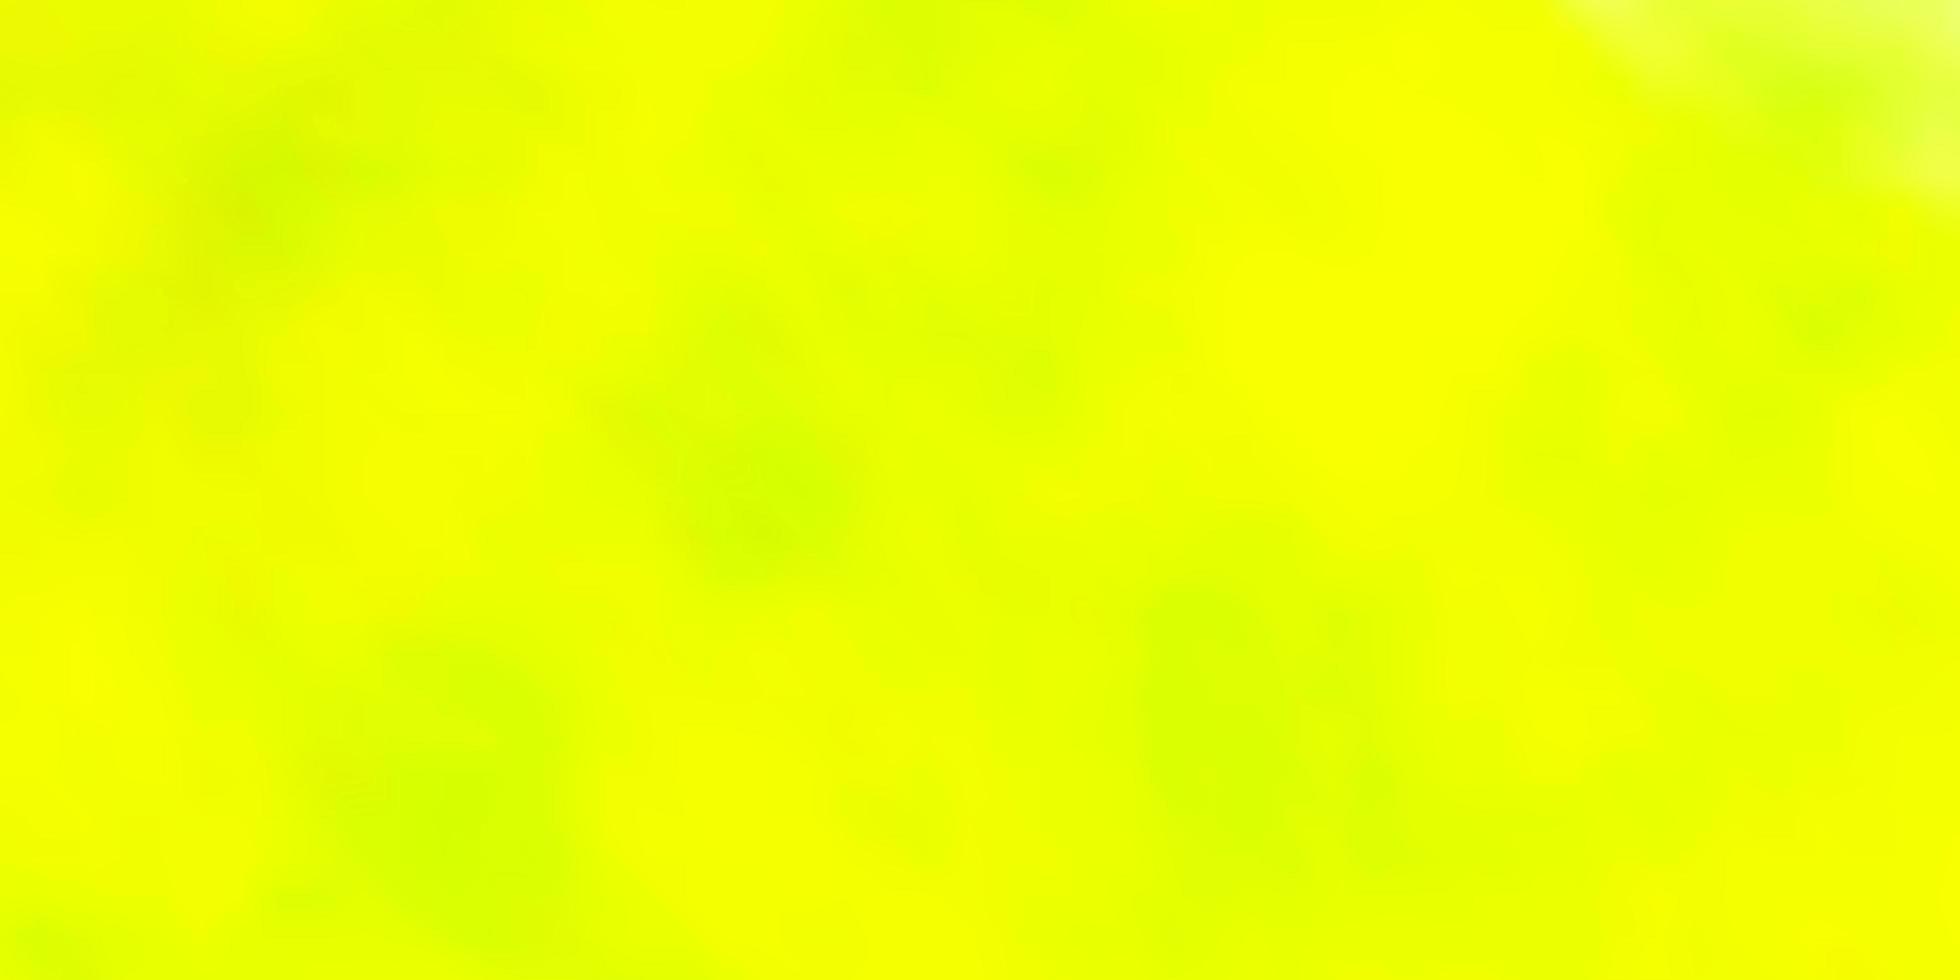 padrão de vetor verde e amarelo claro com nuvens.